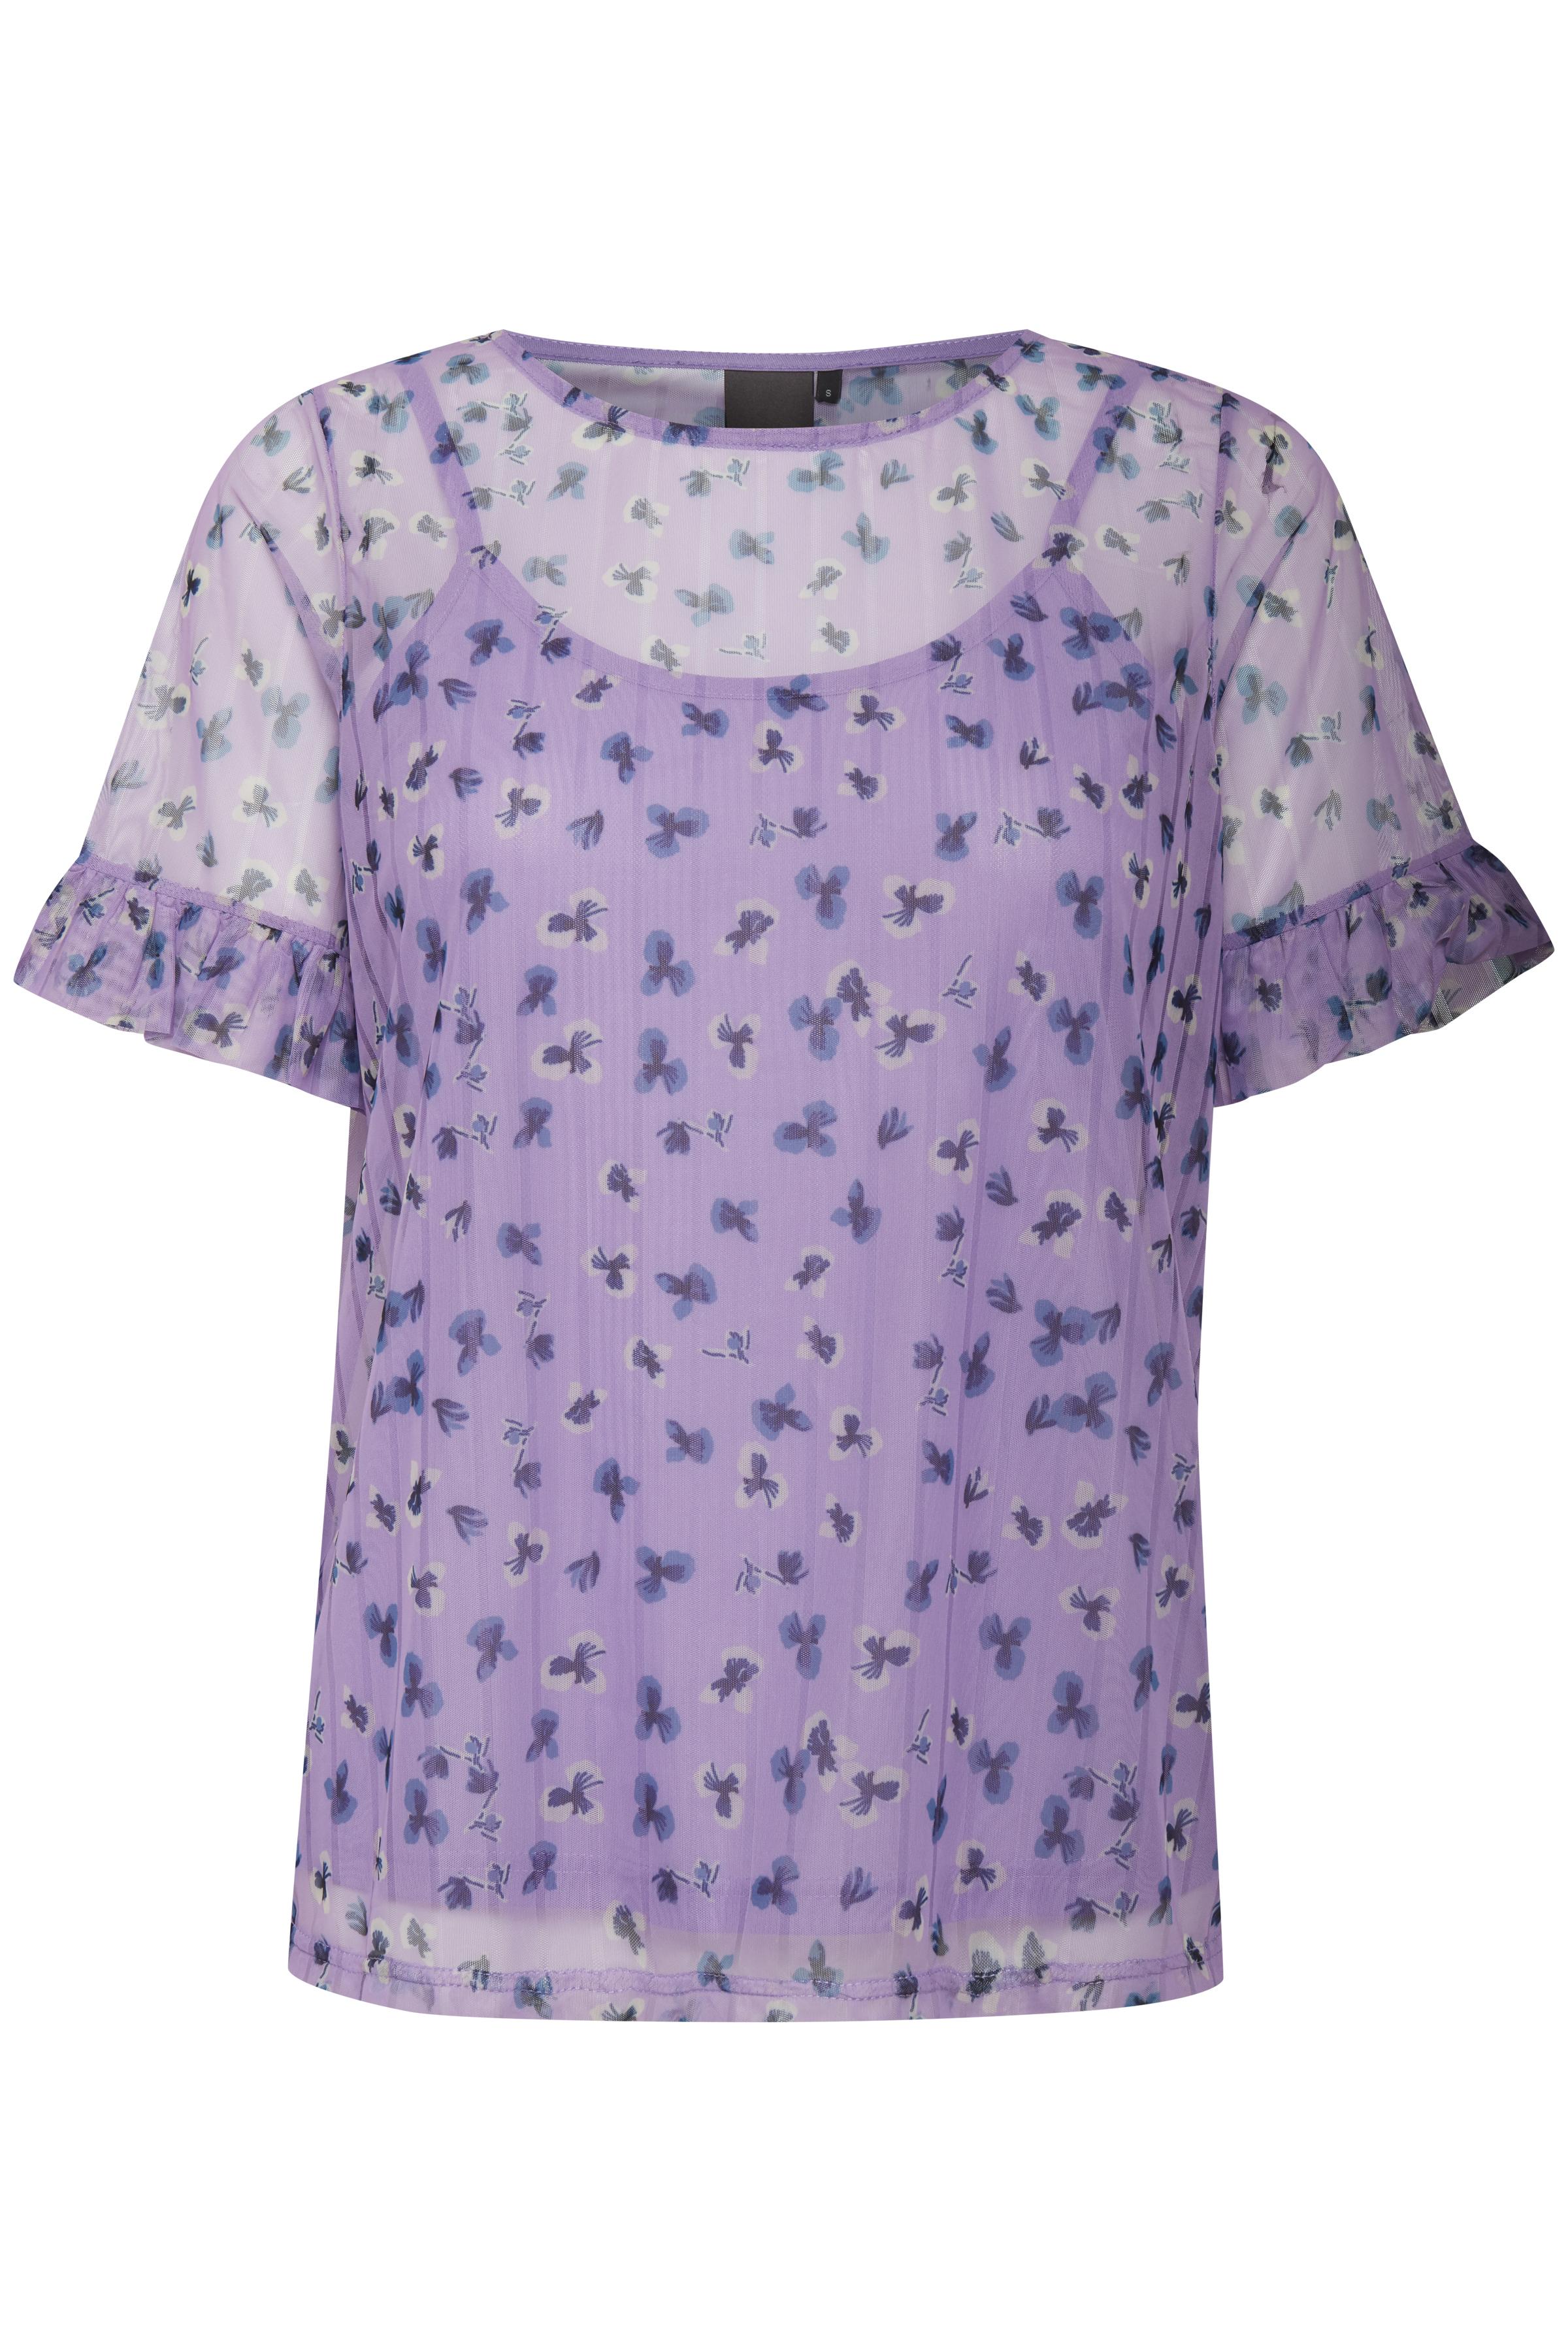 Crocus Petal T-shirt – Køb Crocus Petal T-shirt fra str. XS-XL her